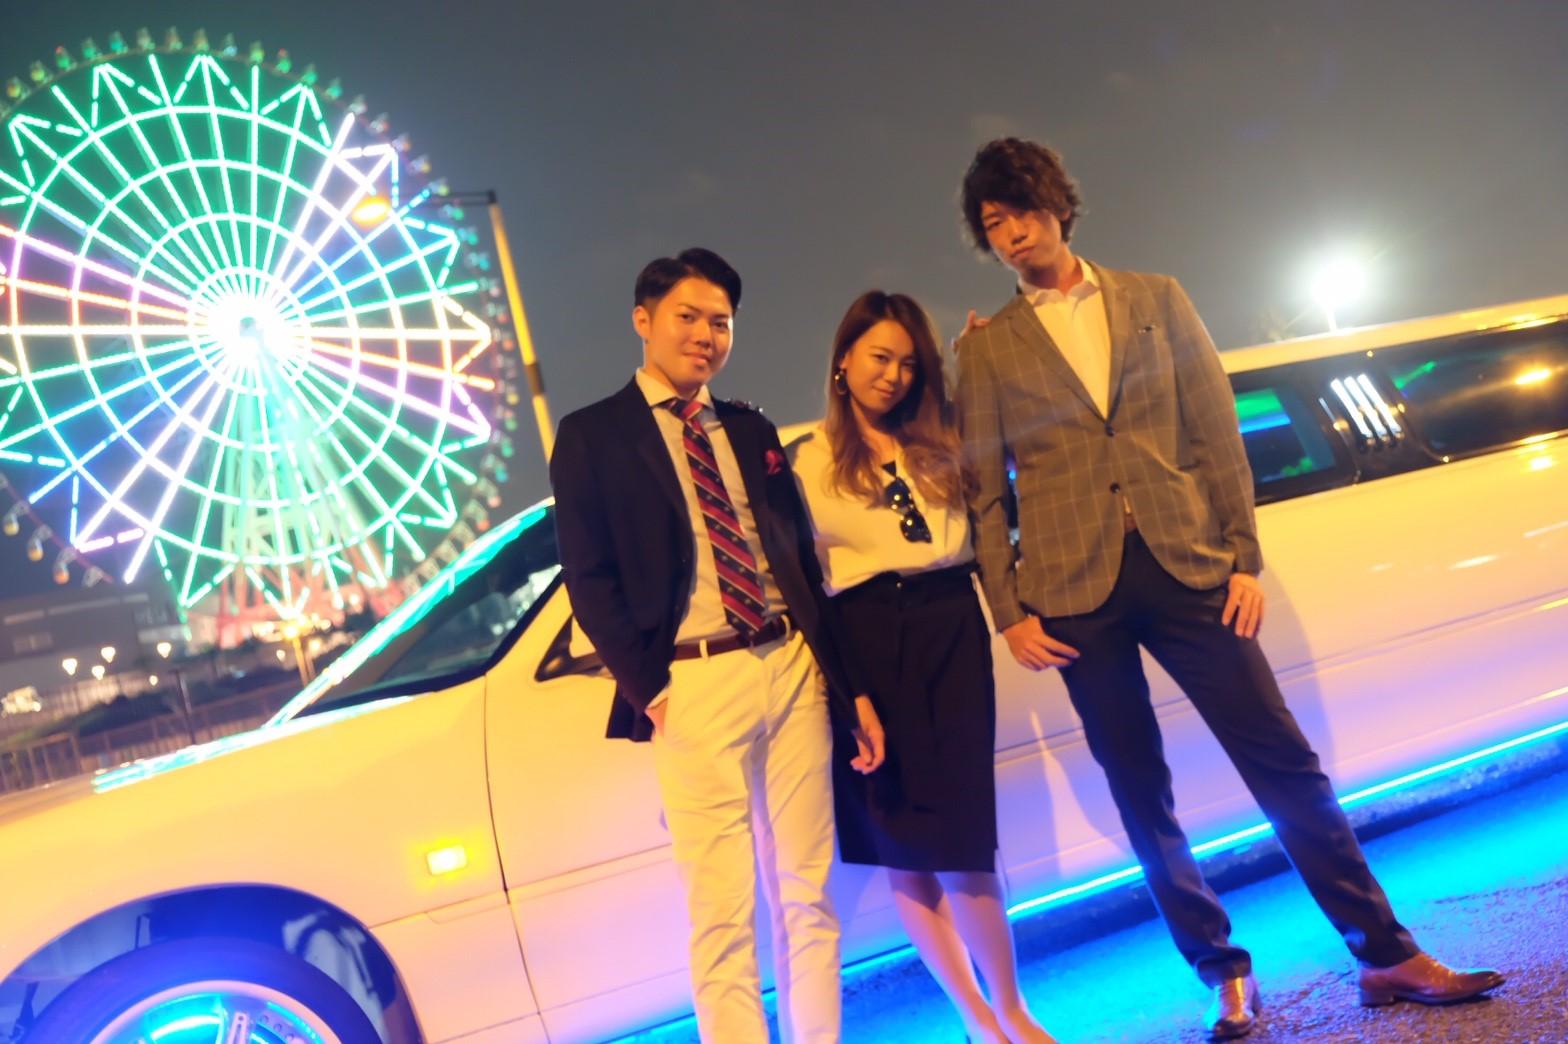 リムジンでパーティーが楽しめるリムジンパーティー東京 (29)